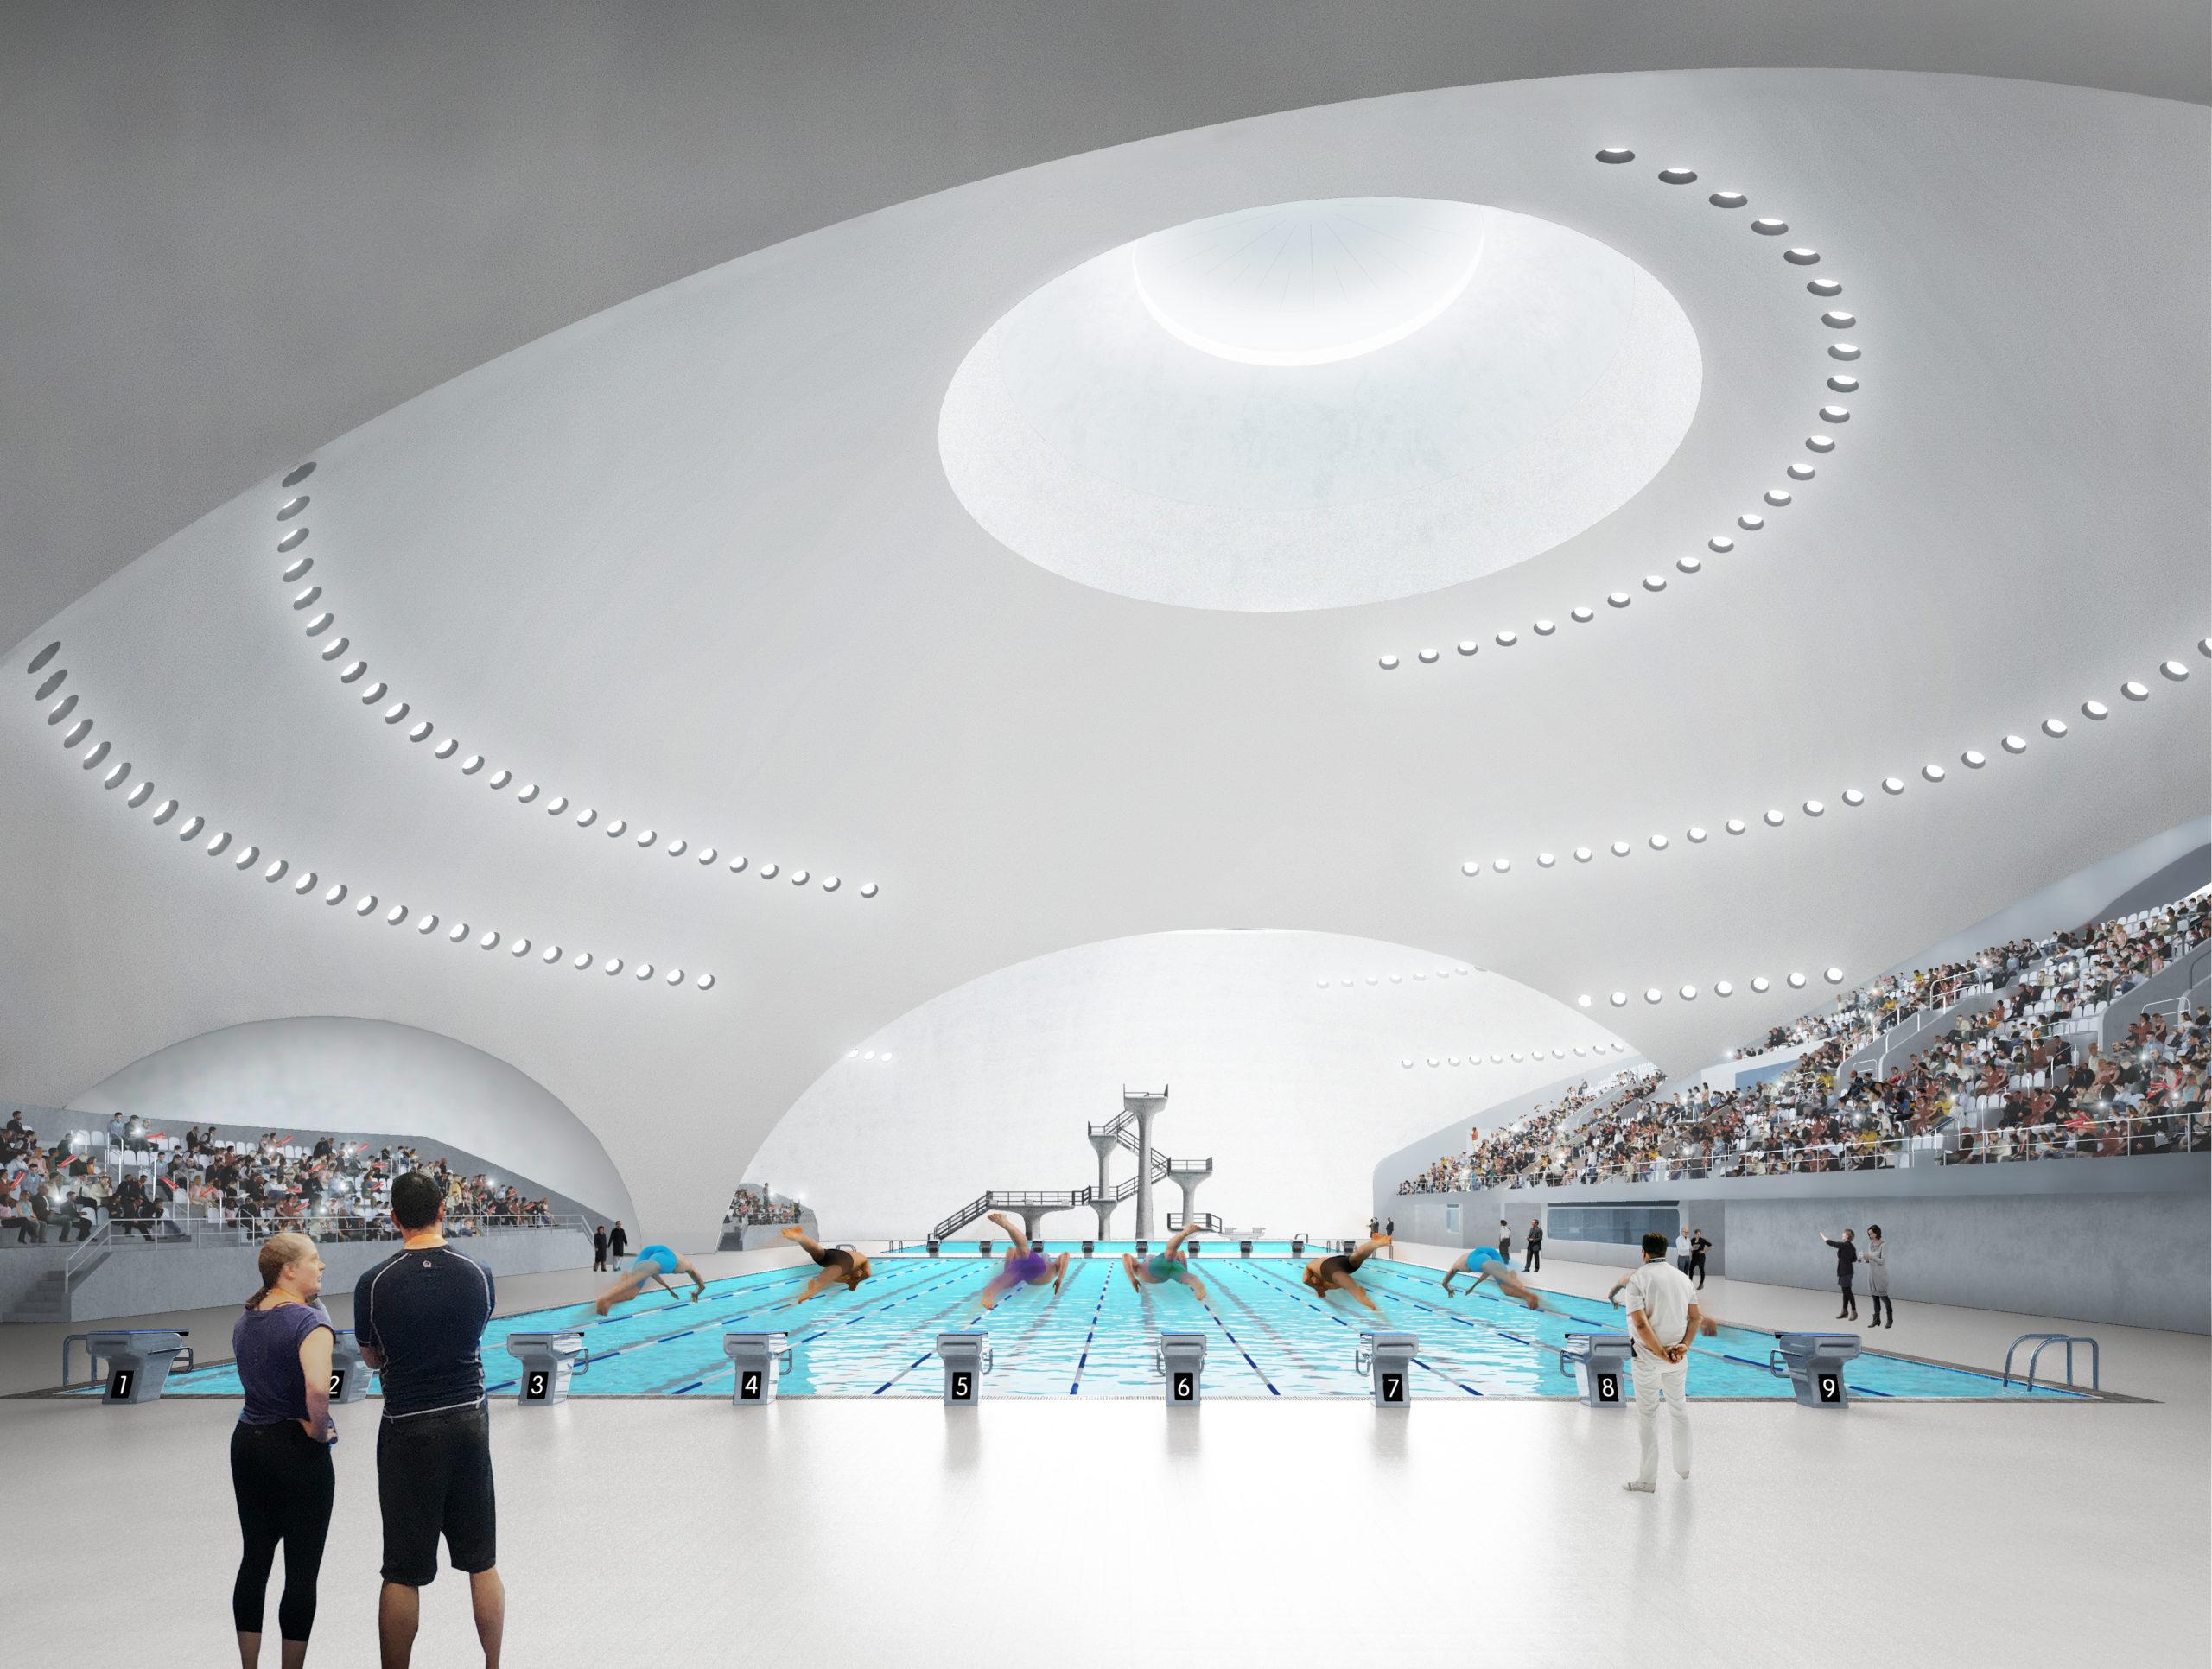 Stades cultes Campus sportif de Quzhou par MAD Architects, Quzhou, Chine